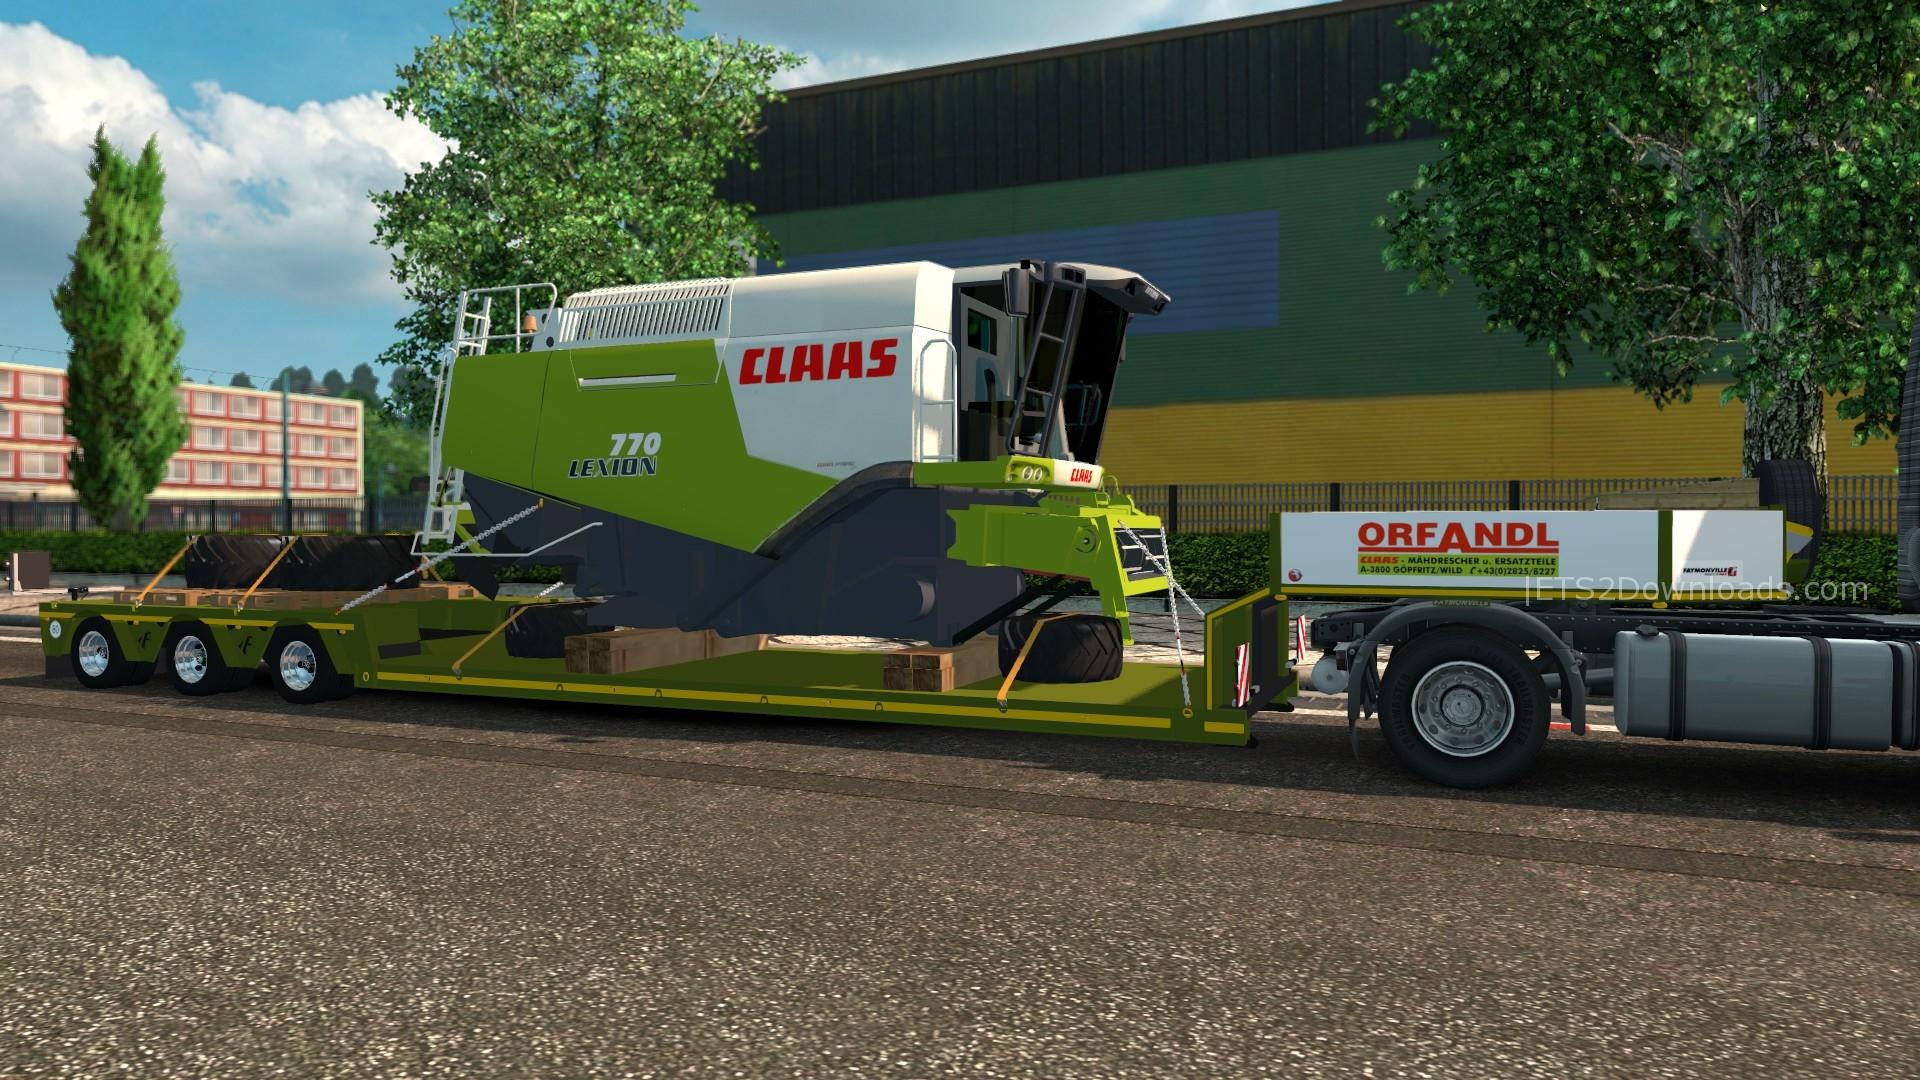 claas-lexion-770-trailer-1